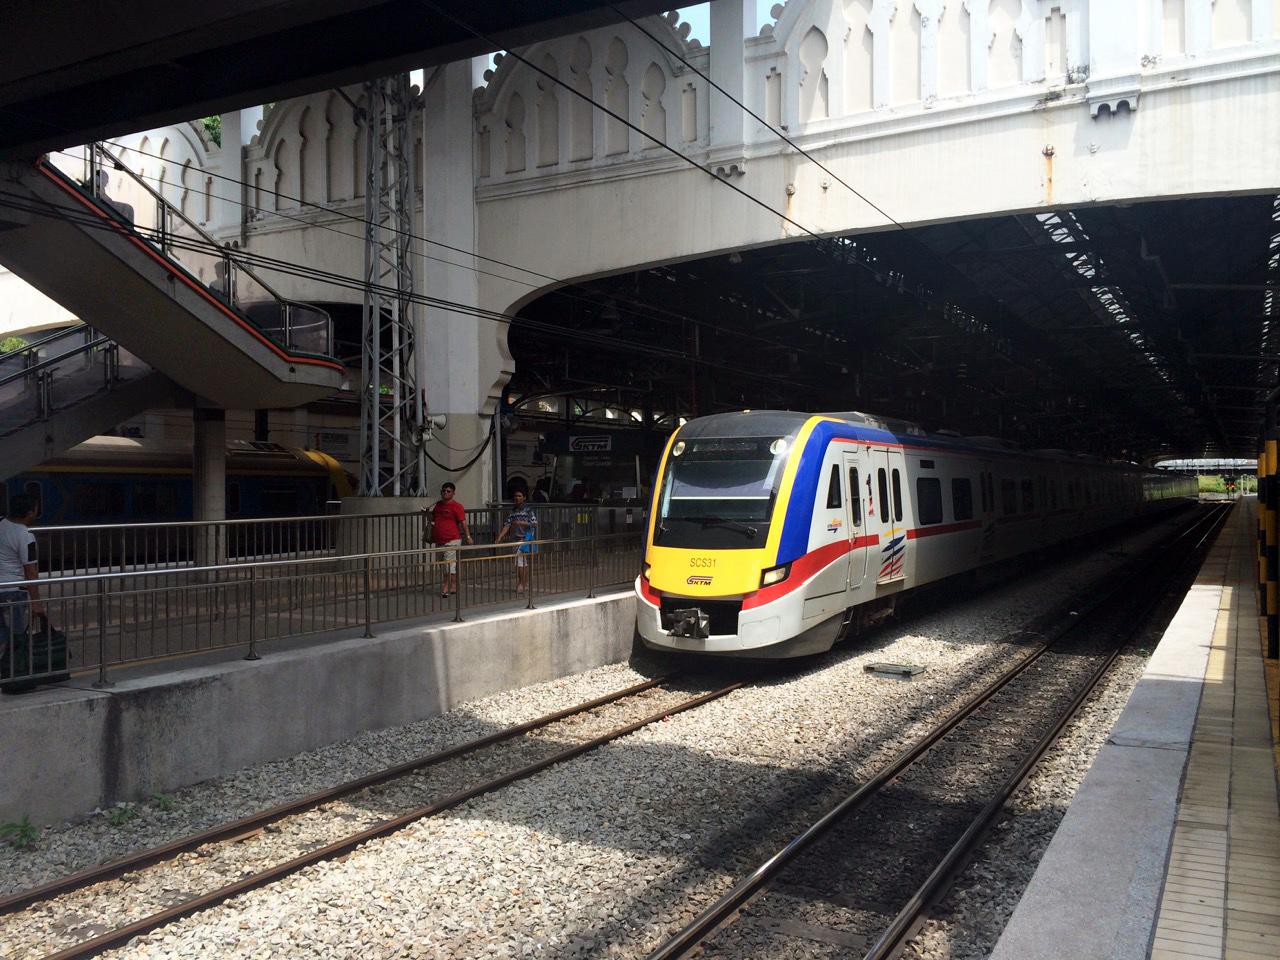 Как сэкономить в путешествии: ЖД вокзал Куала-Лумпура, Малайзия